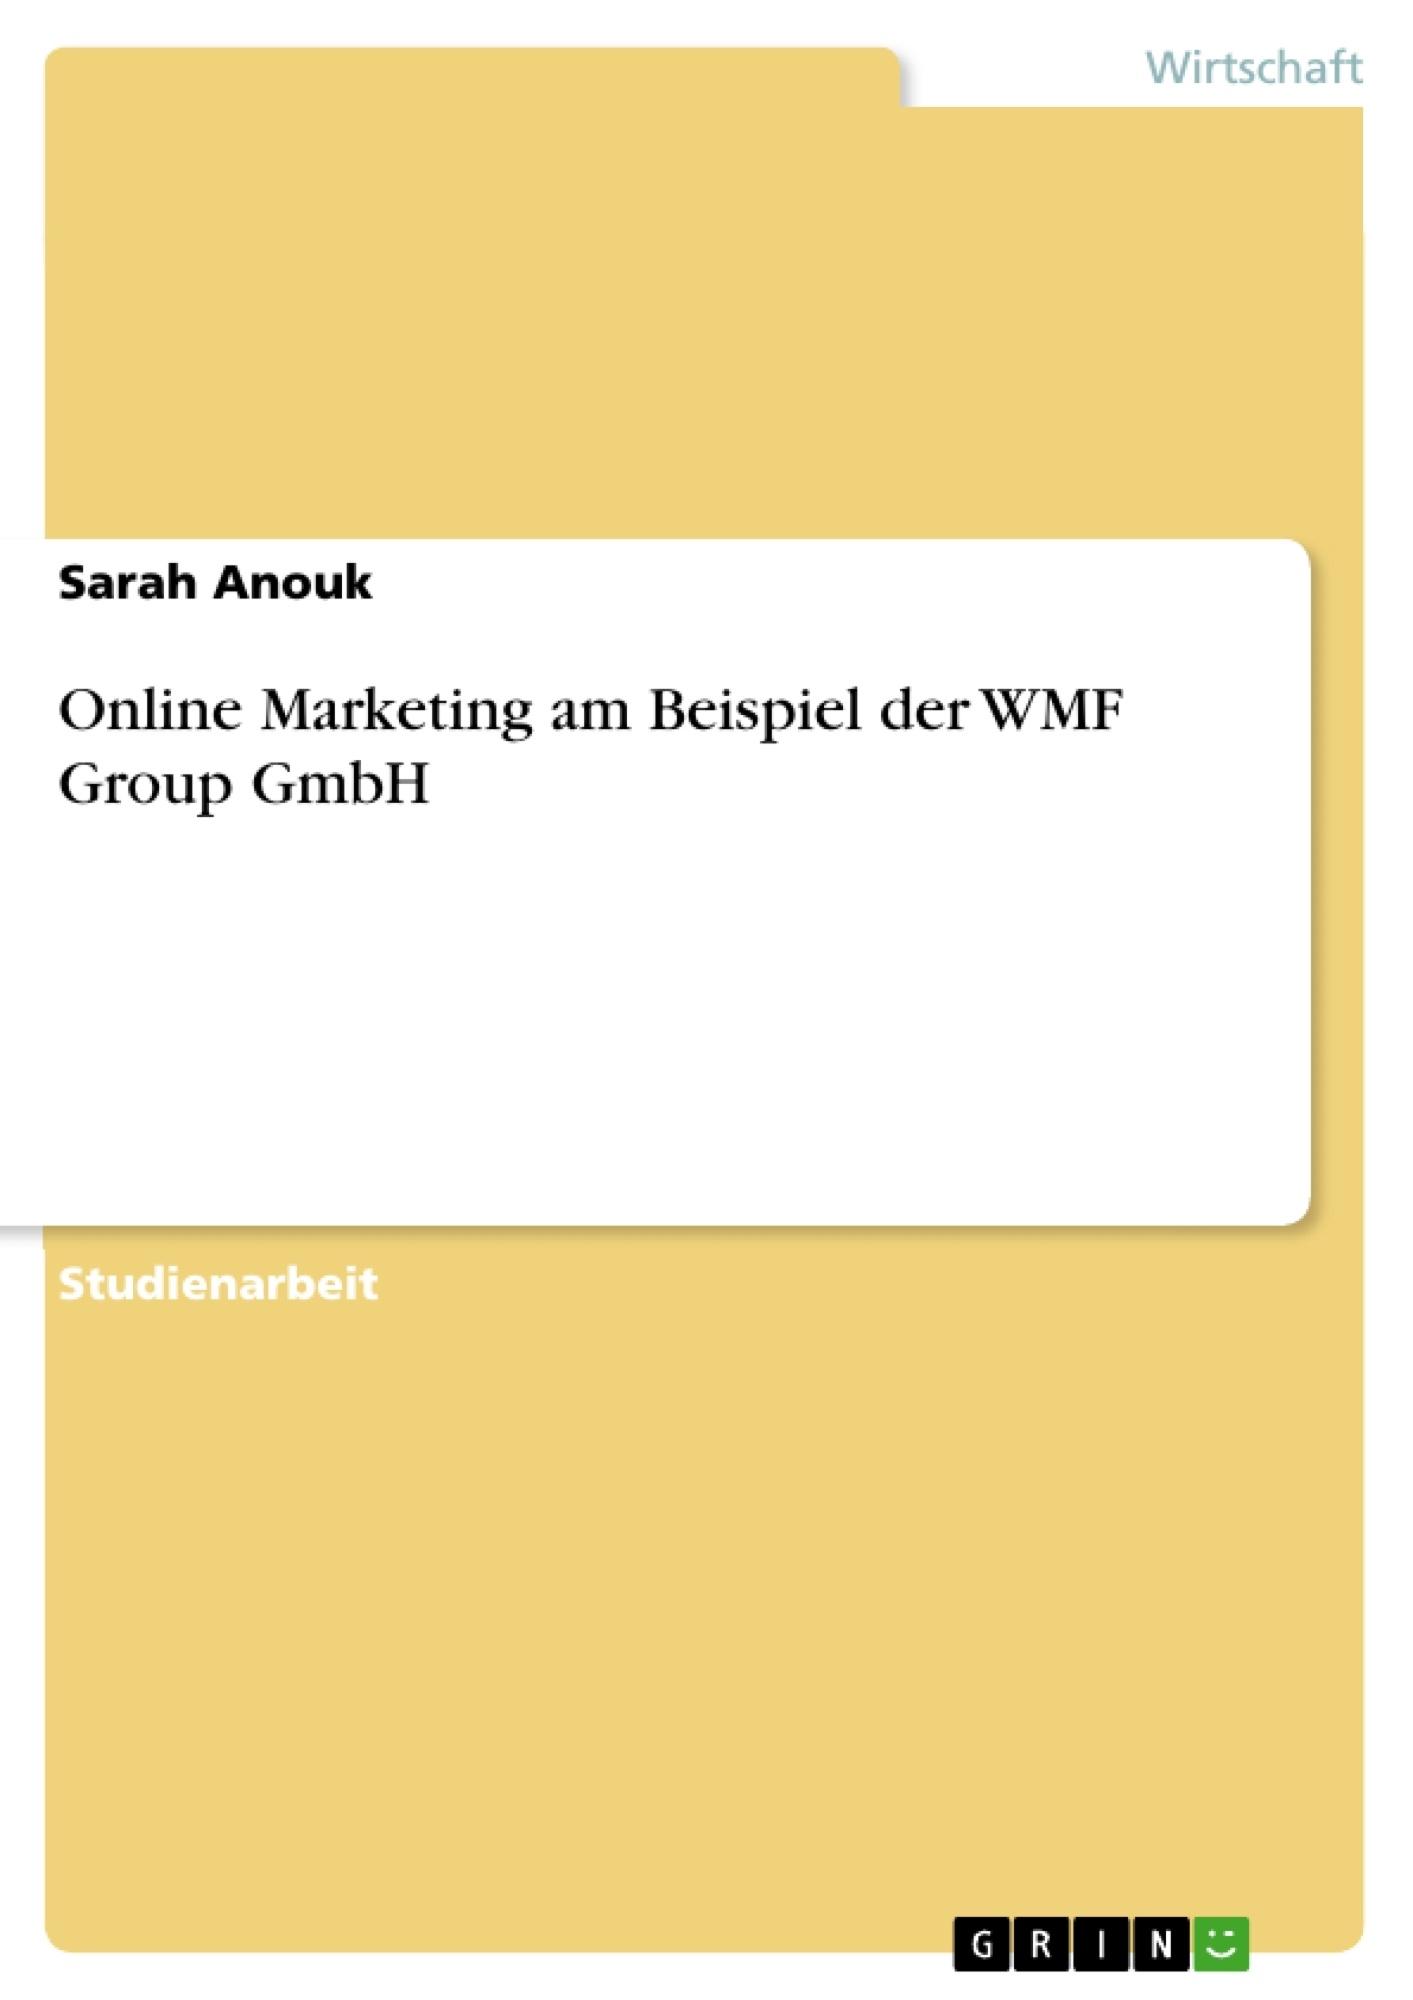 Titel: Online Marketing am Beispiel der WMF Group GmbH